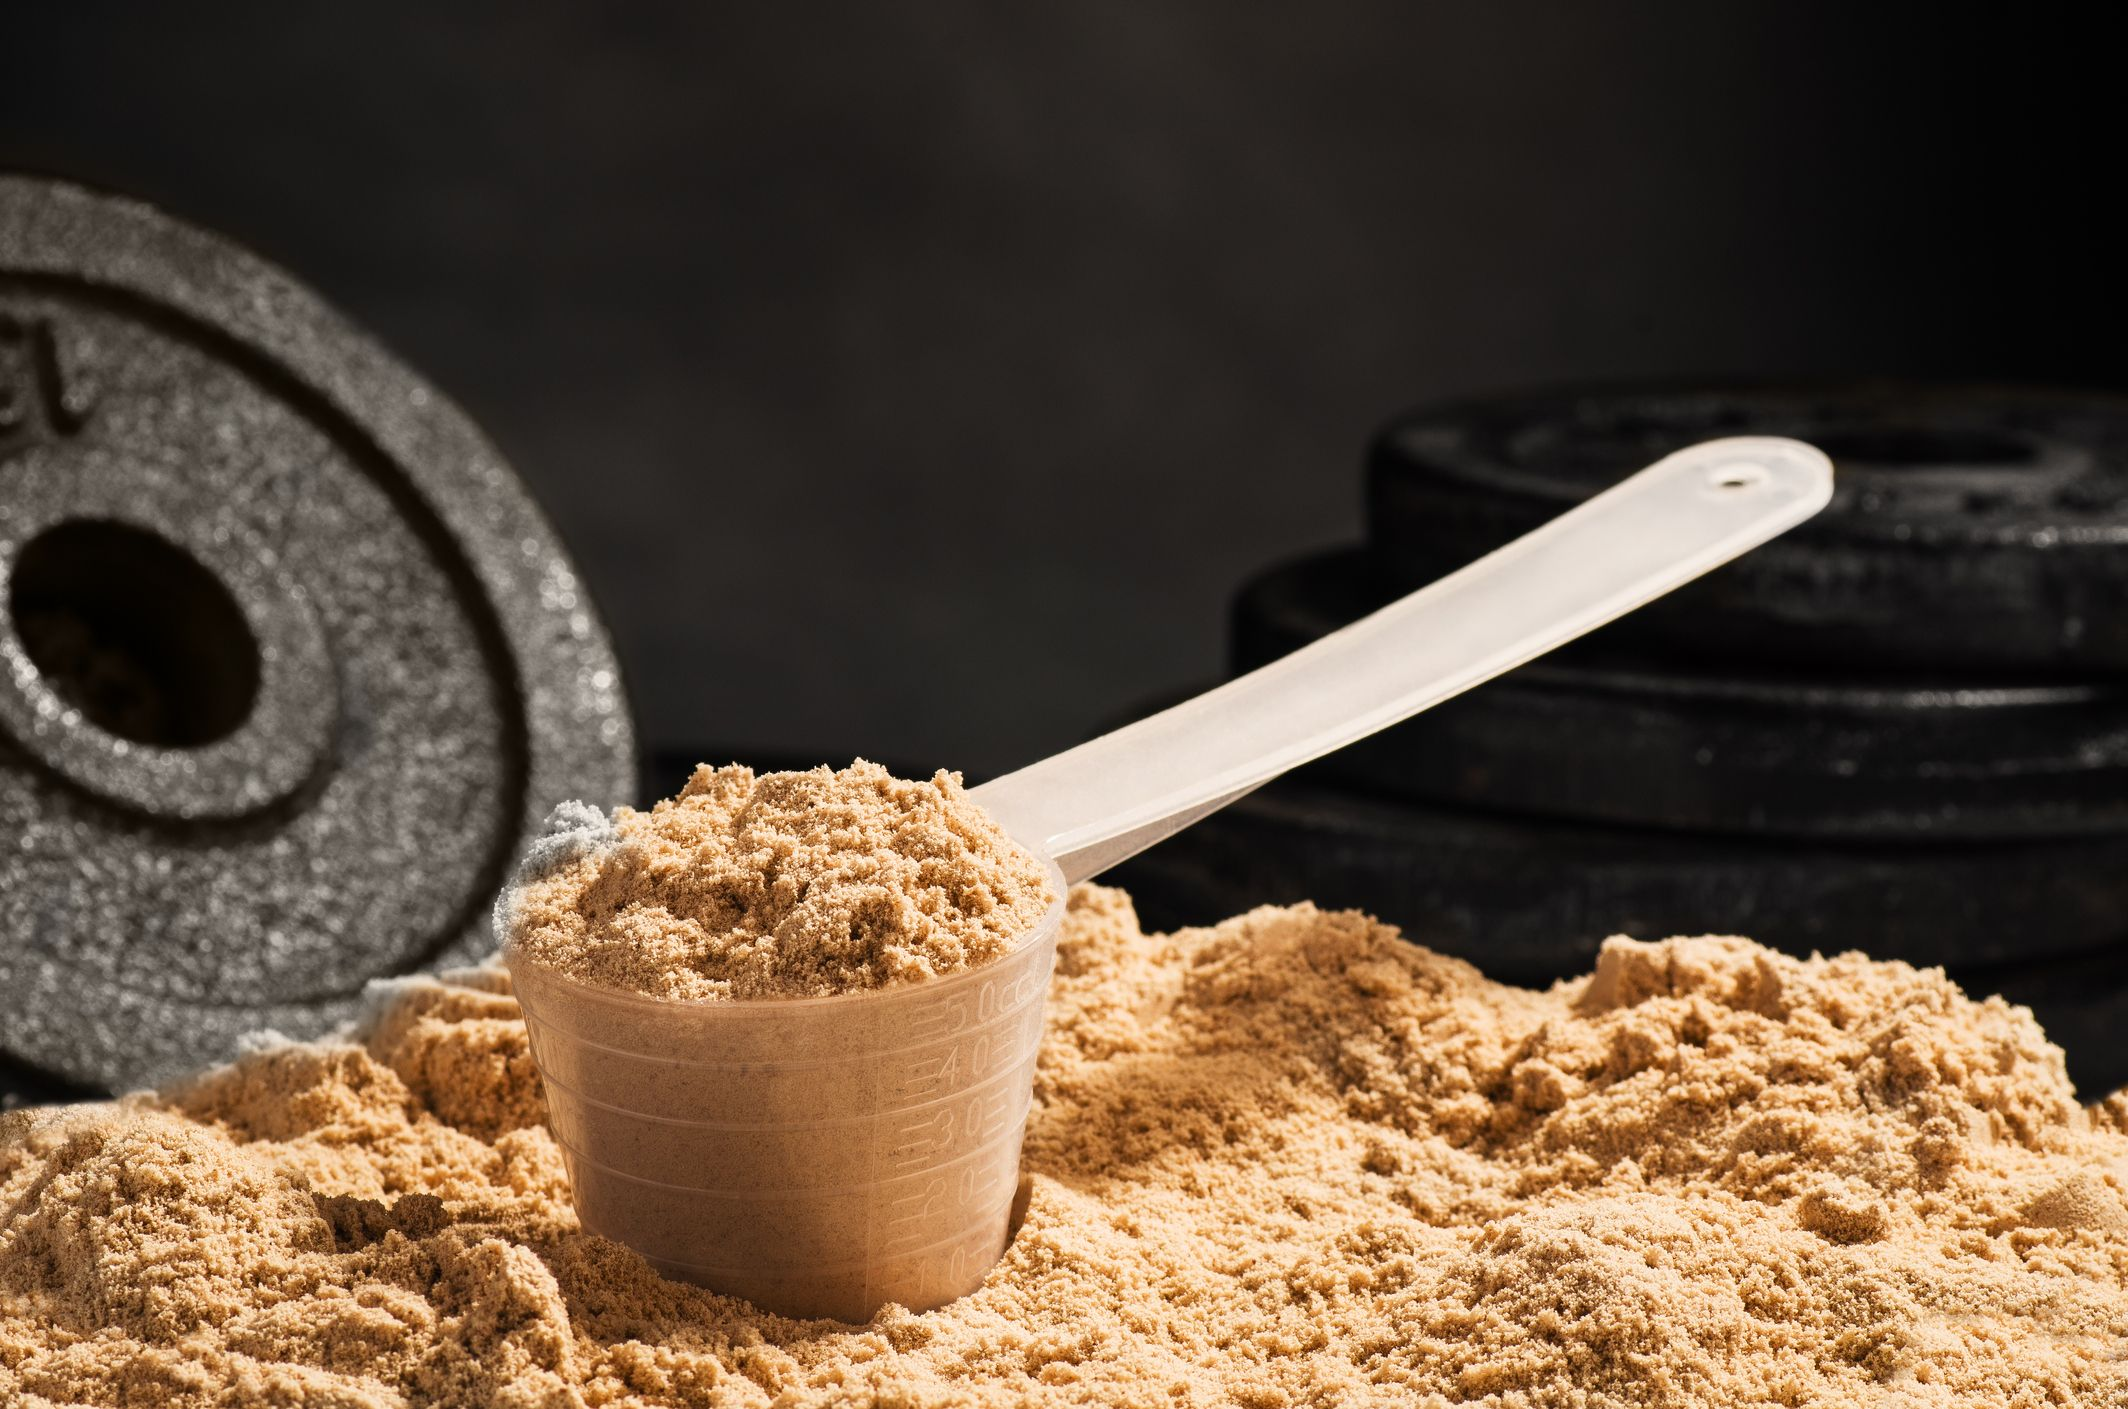 فواید پودر پروتئین چیه؟